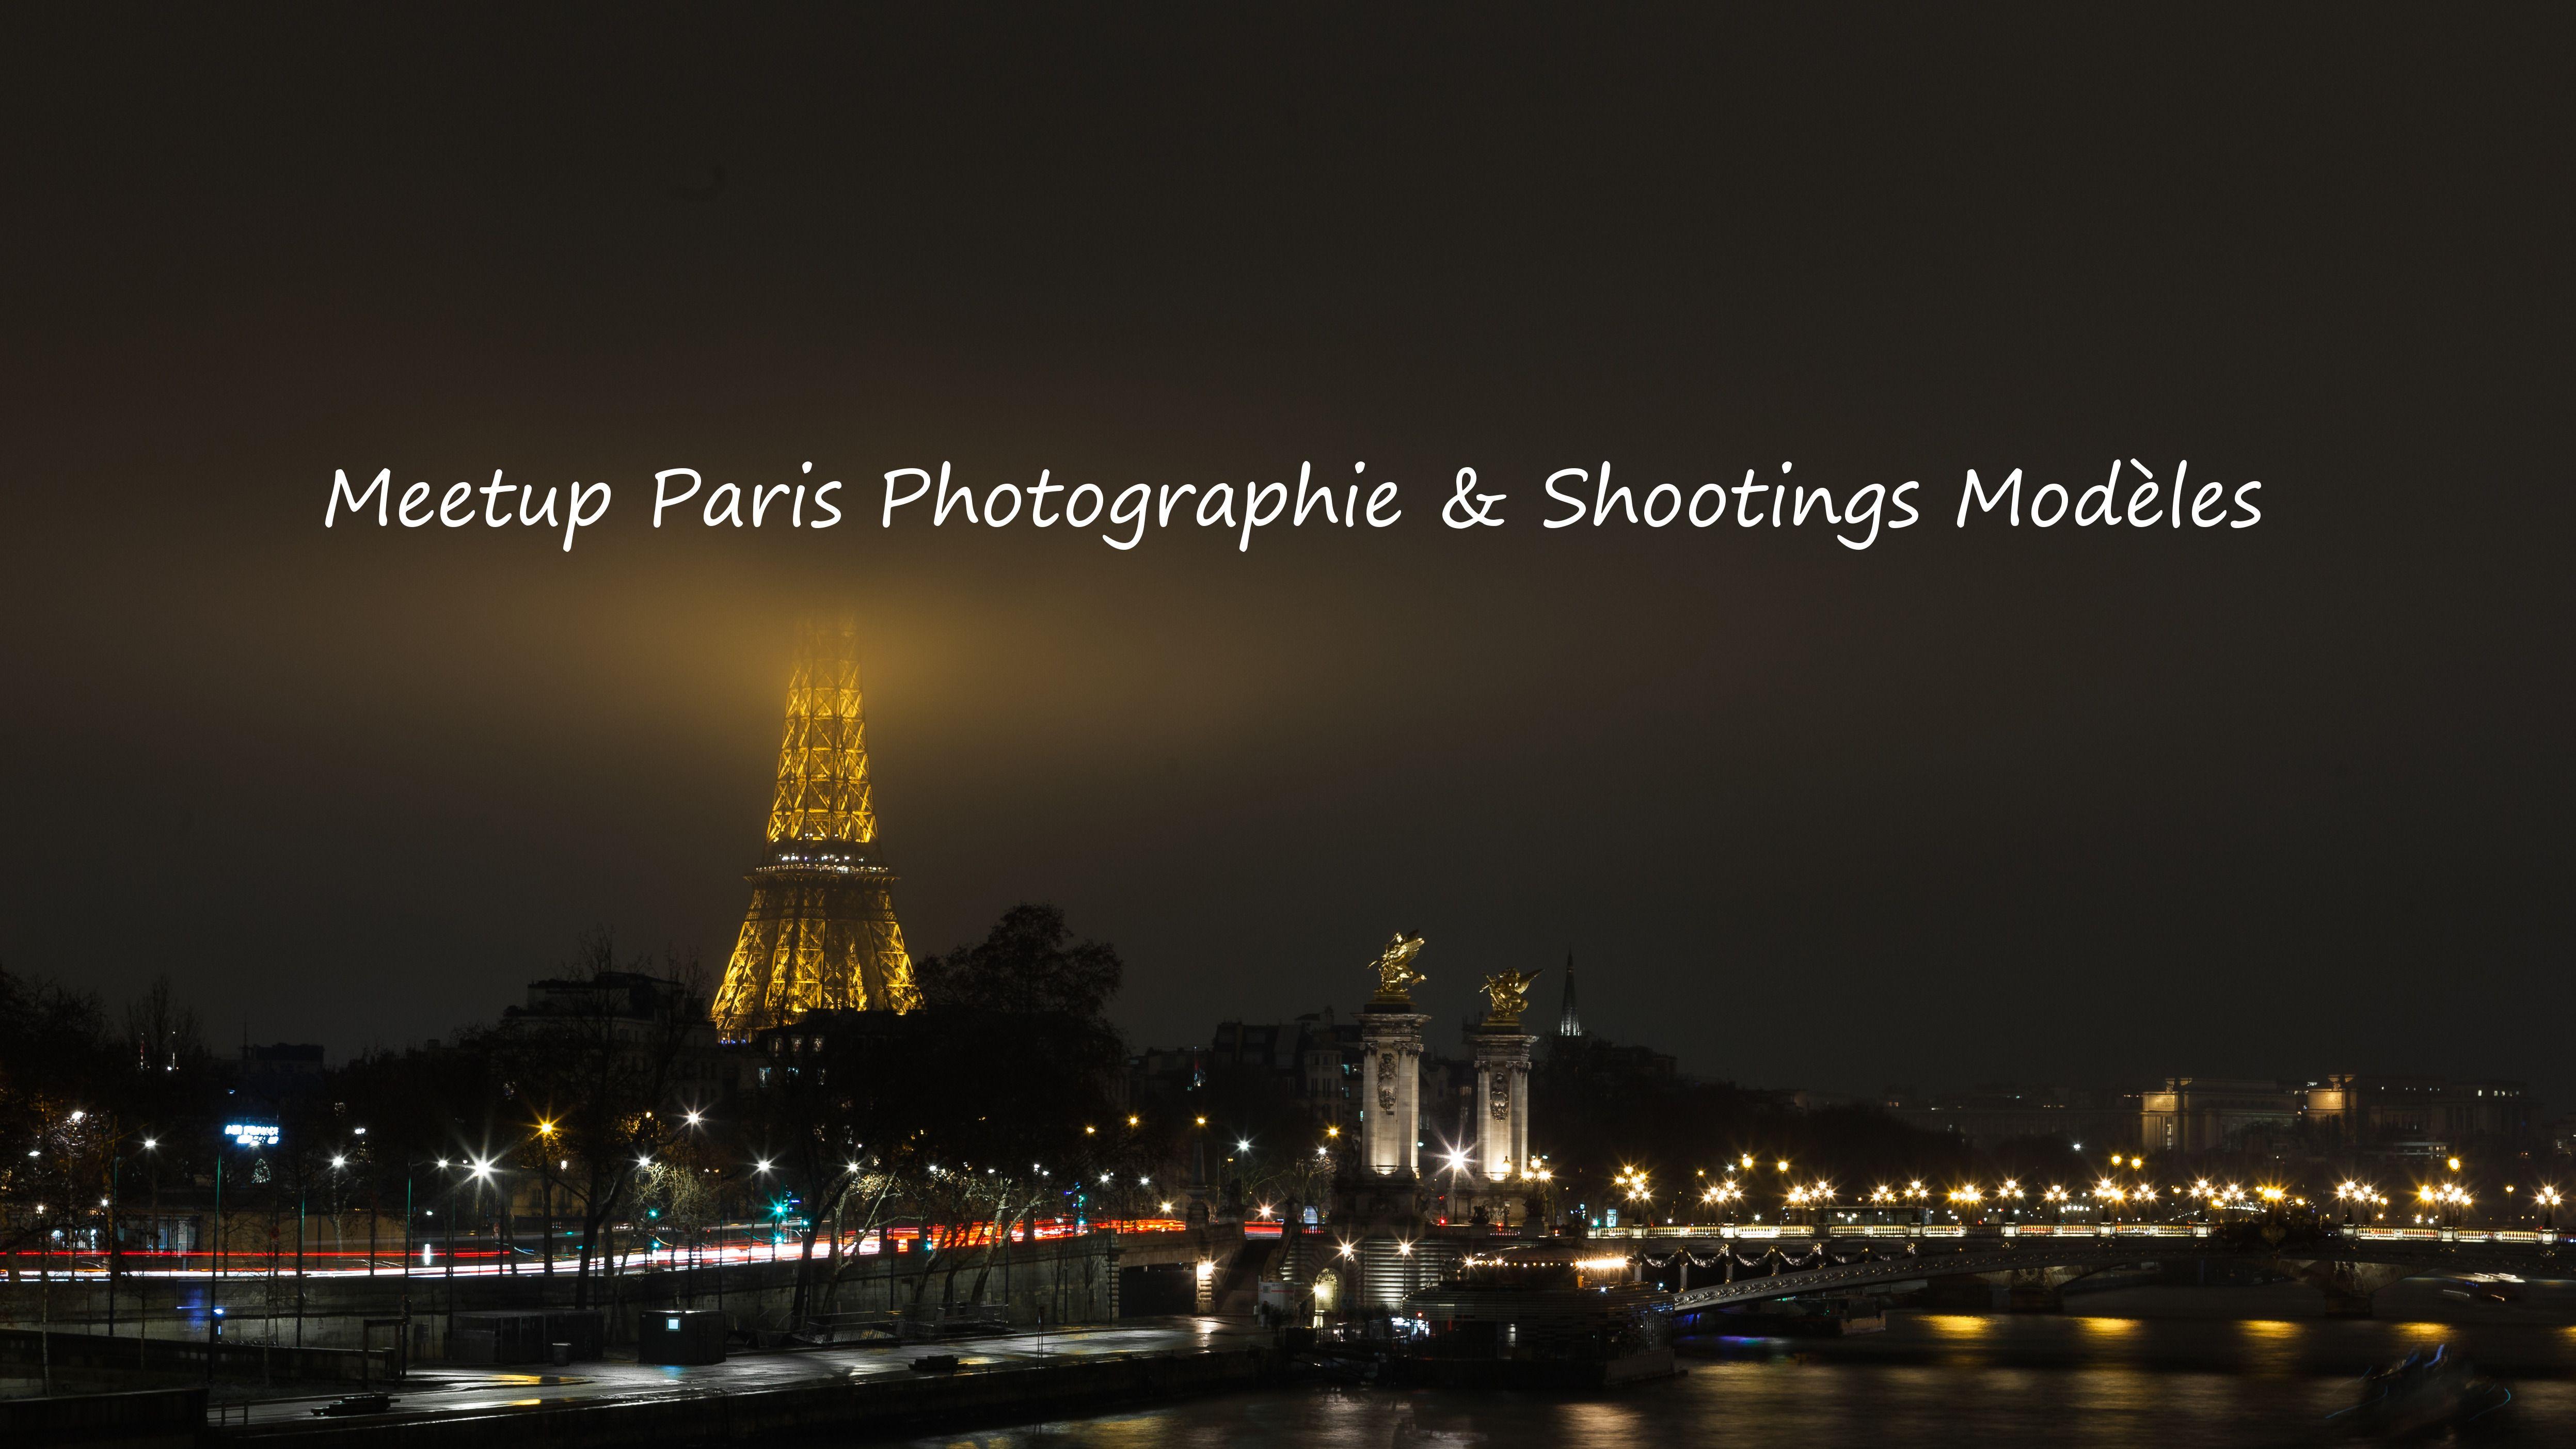 Meetup Paris Photographie & Shootings Modèles